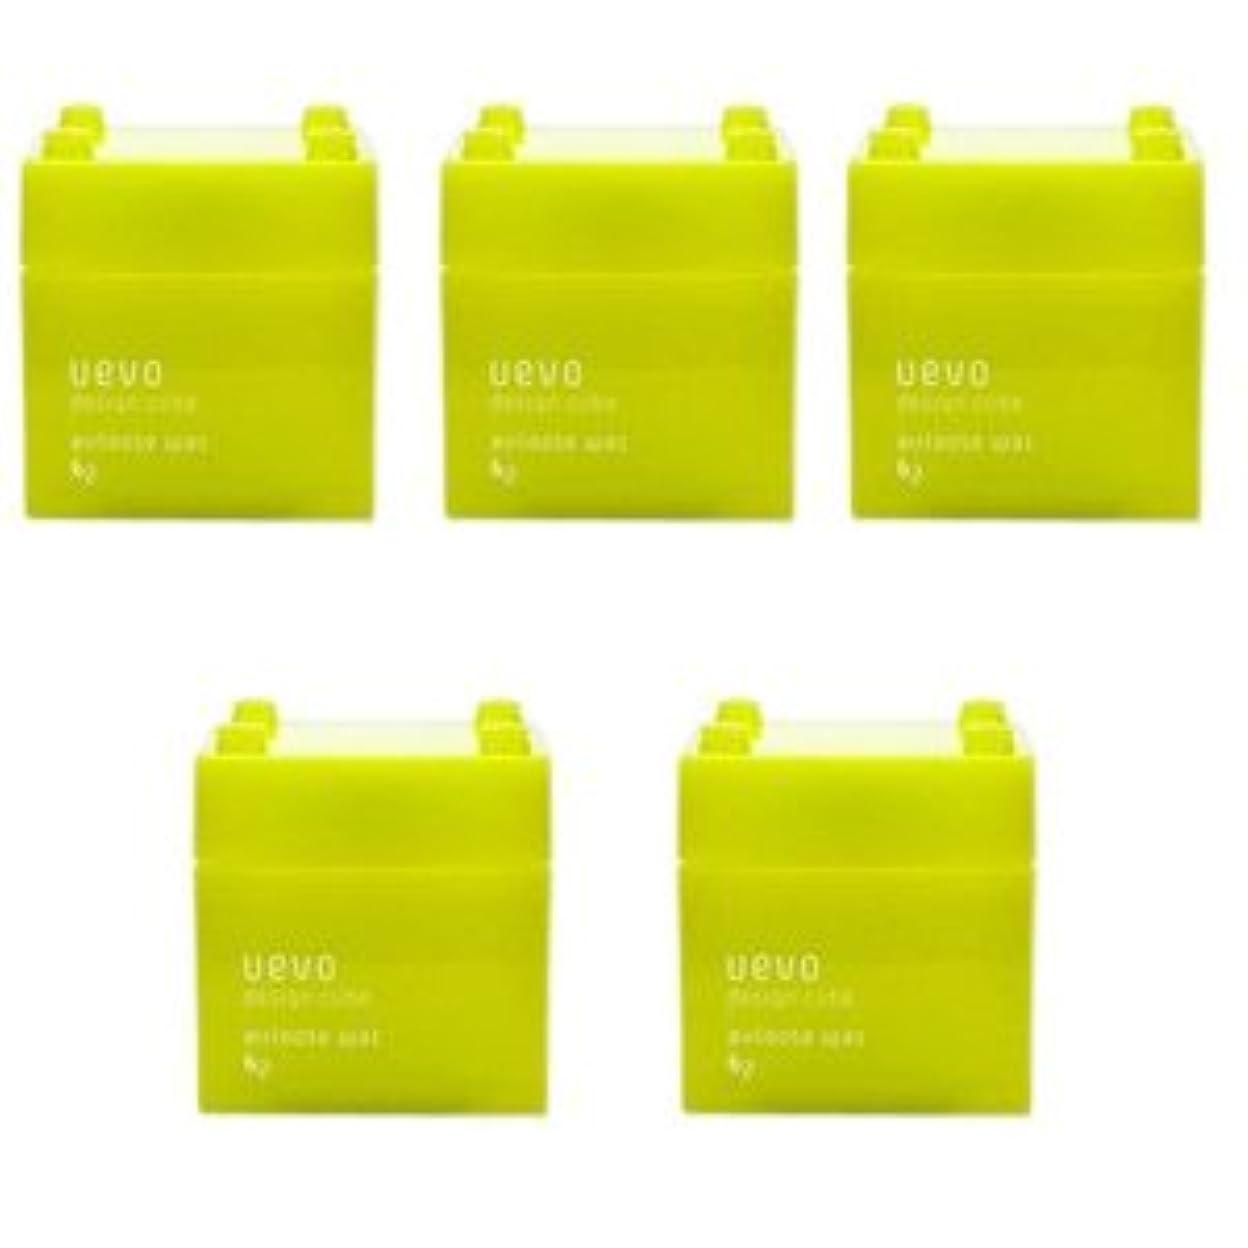 者しおれた週末【X5個セット】 デミ ウェーボ デザインキューブ エアルーズワックス 80g airloose wax DEMI uevo design cube